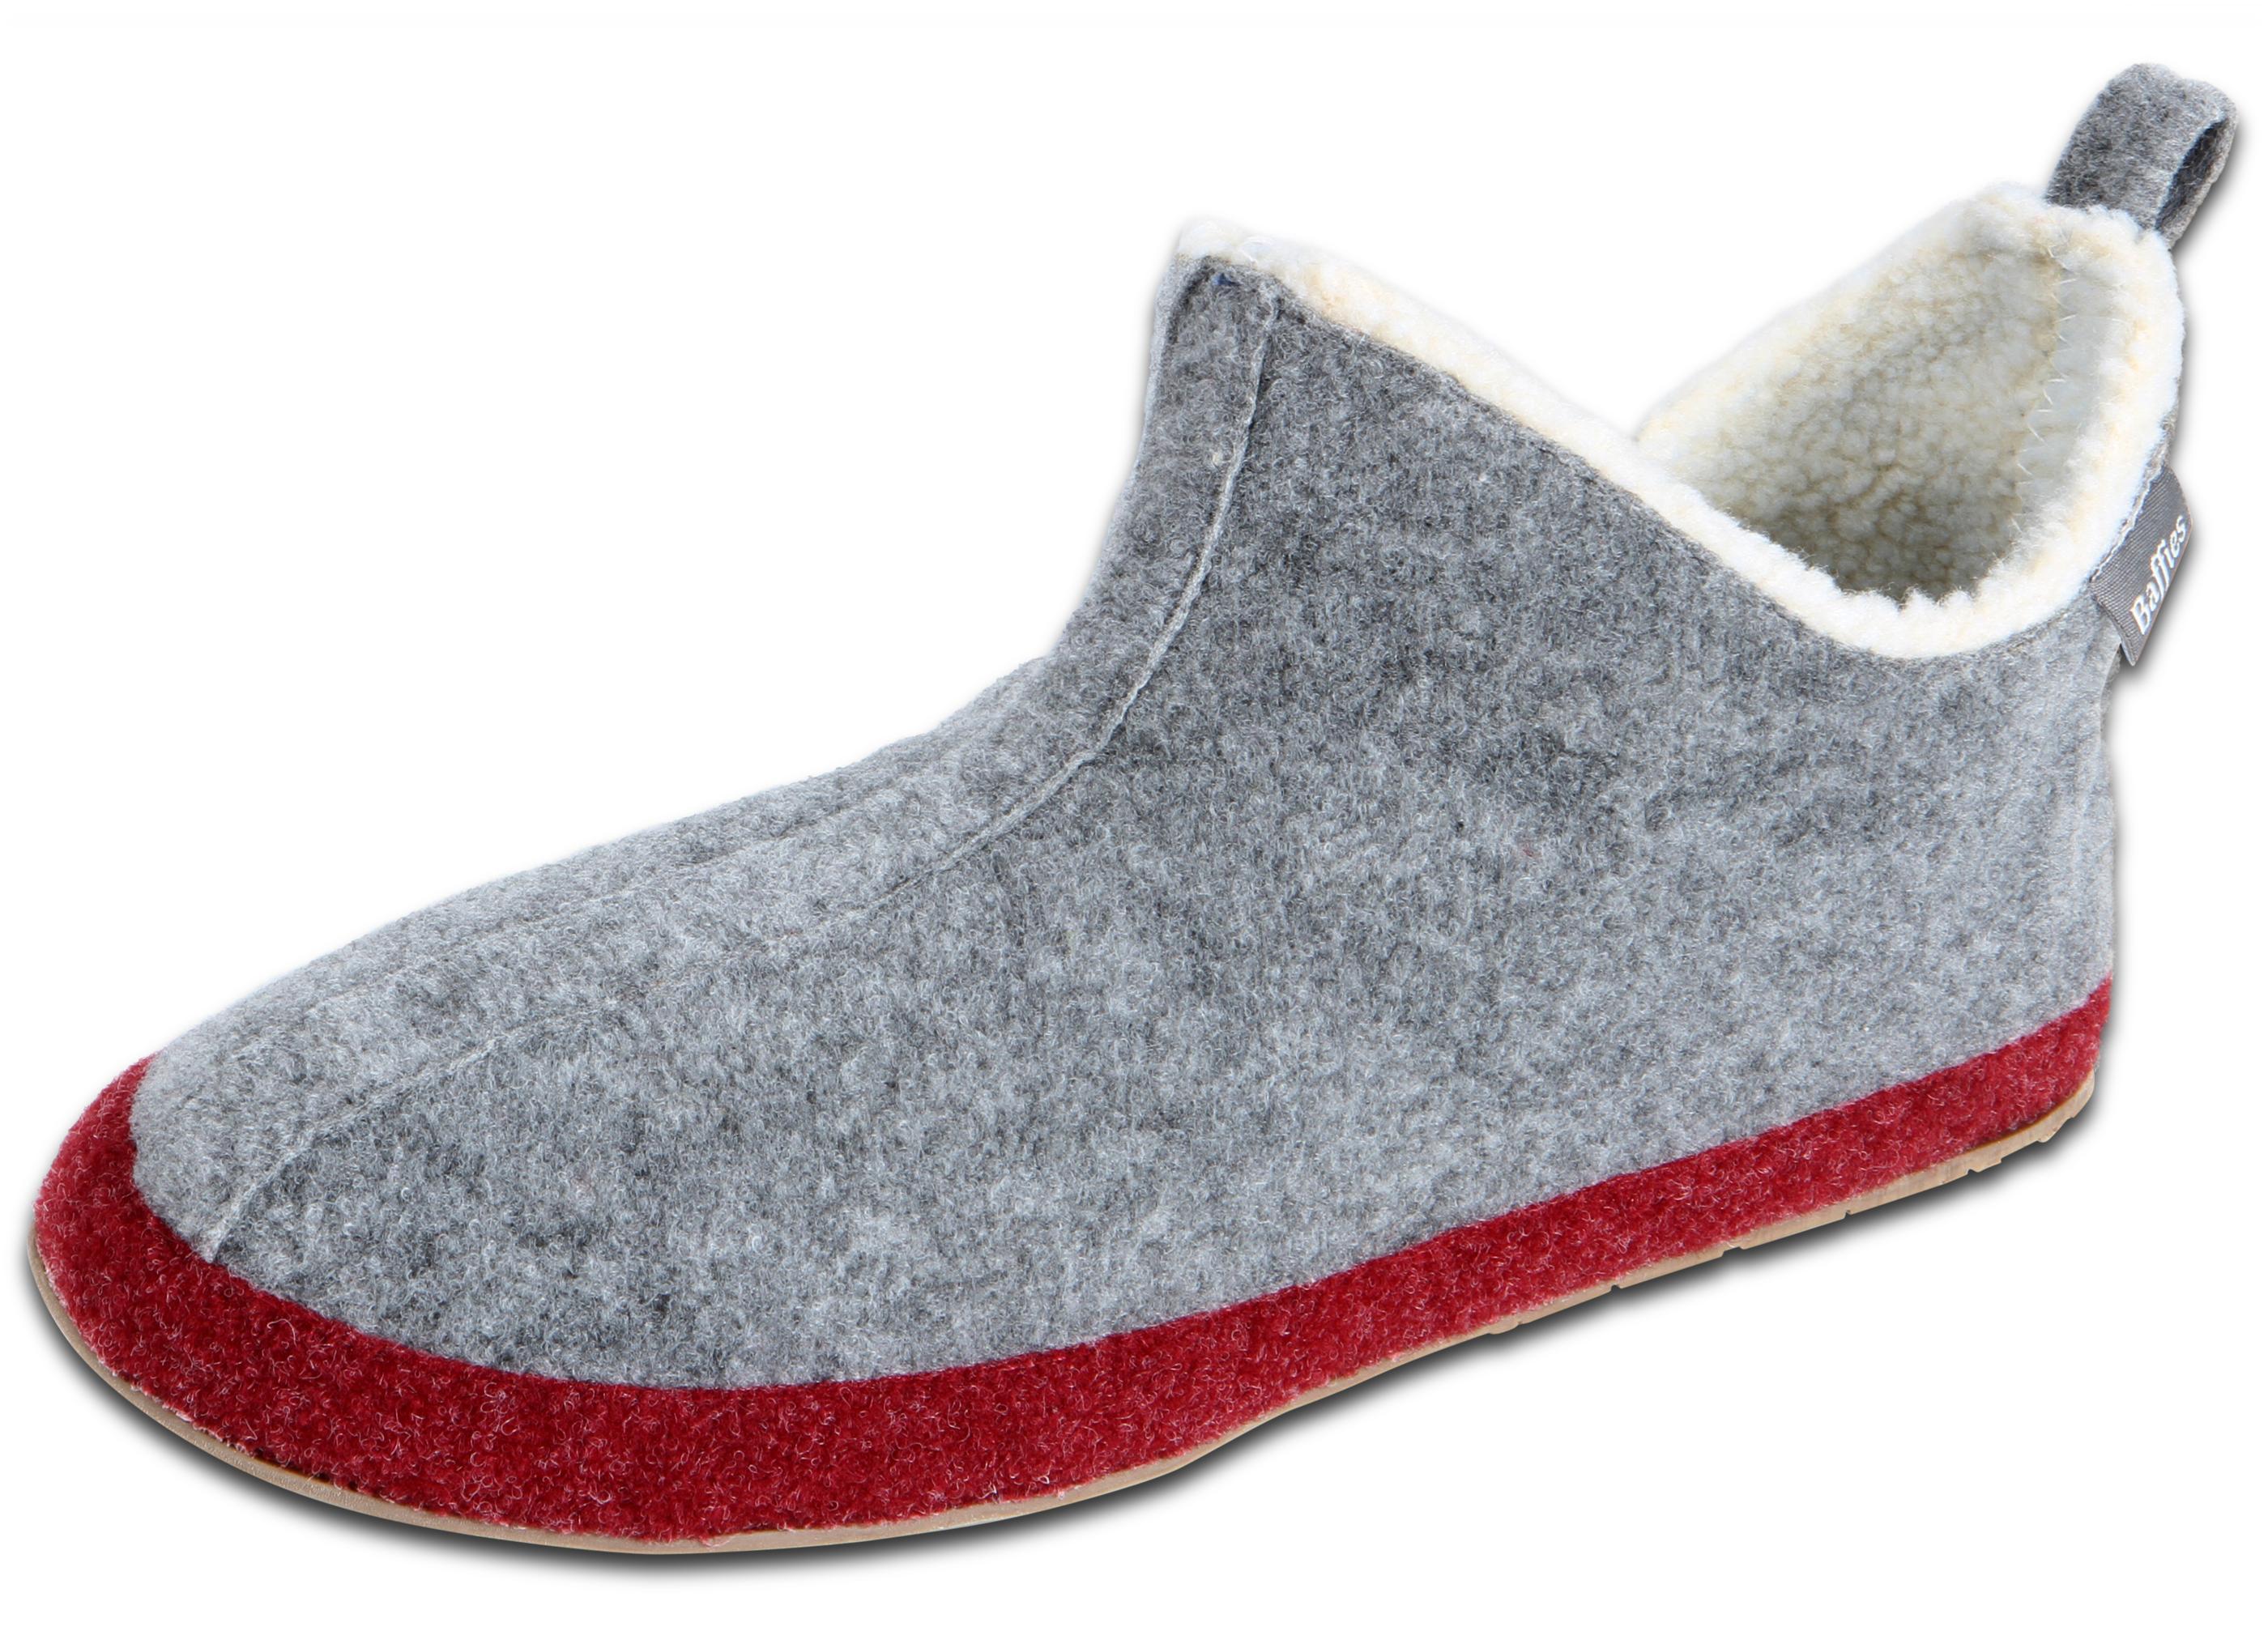 Mit leichten Stoffen verschaffen die Damen-Hausschuhe ein Barfuß-Gefühl. Die Sohlen der gemütlichen Treter bestehen zumeist aus Kork oder Gummi. Sie machen die Schuhe stabil und schützen das Fußbett beim Auftritt auf spitze Gegenstände.